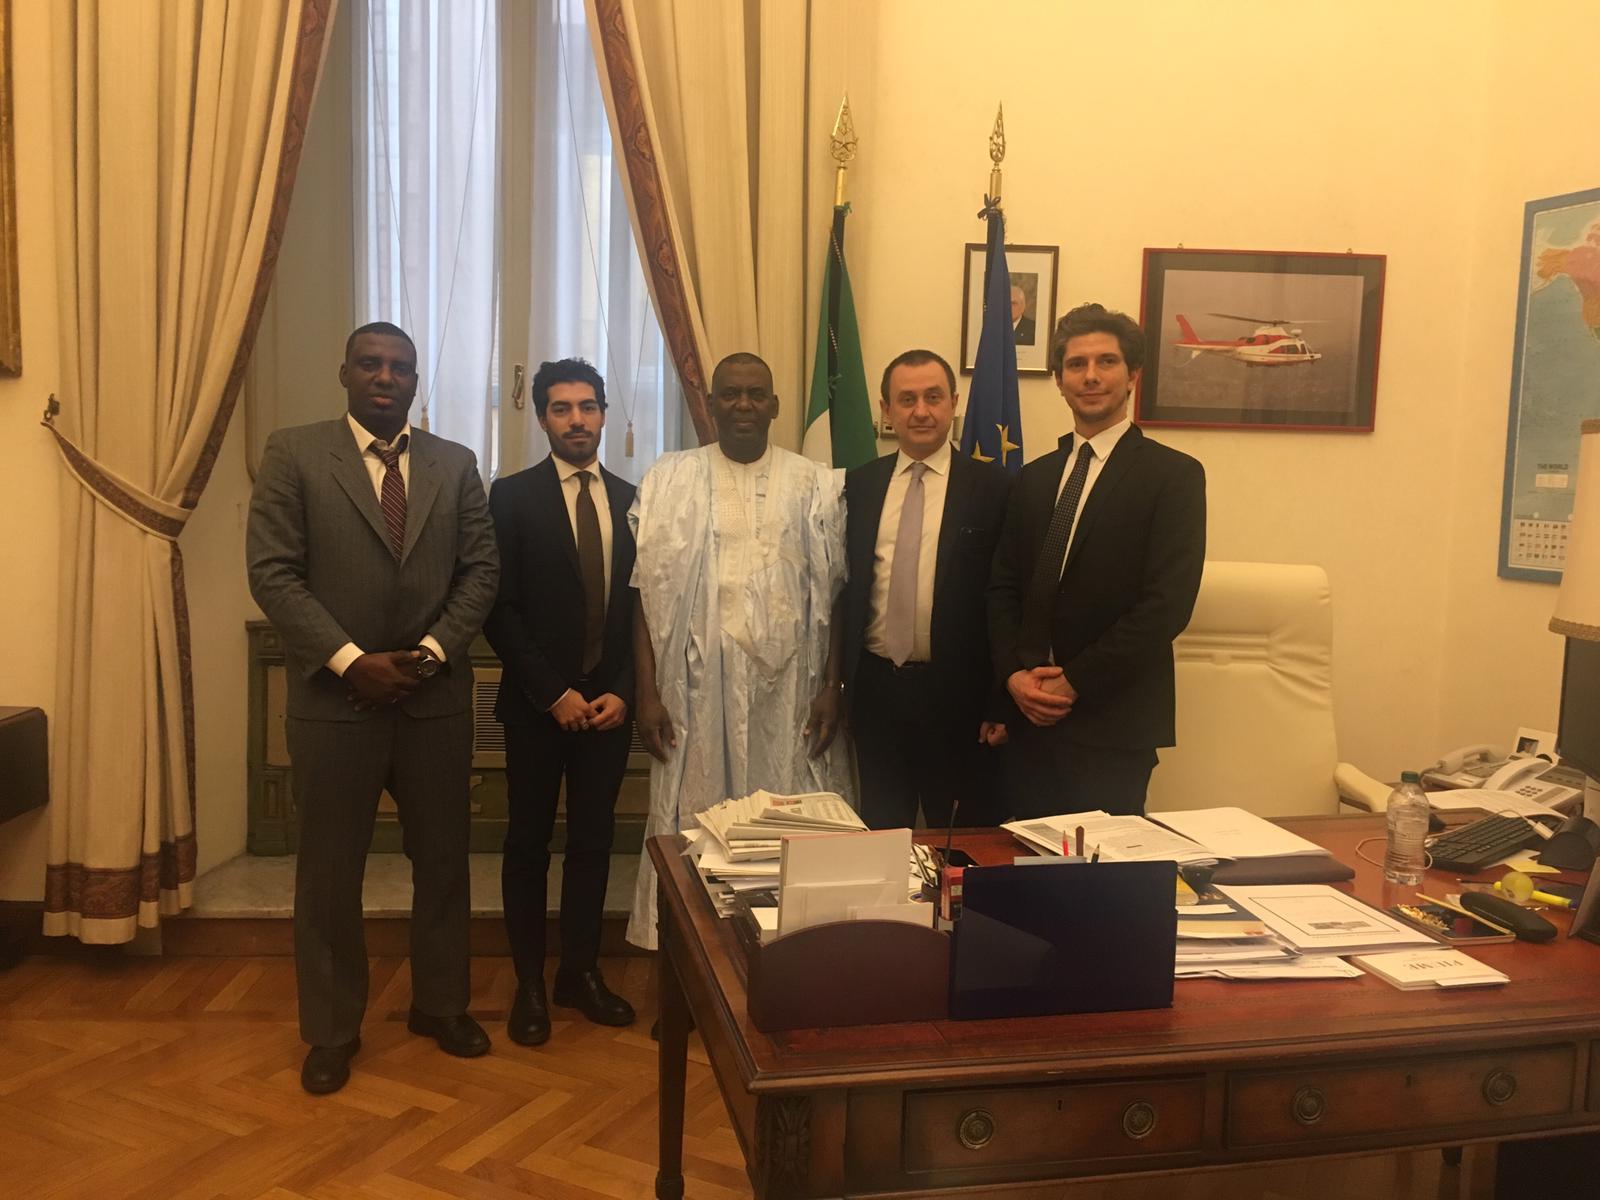 صورة النائب بيرام يلتقي رئيس البرلمان الإيطالي والأخير يدون عن نضال بيرام (تفاصيل)